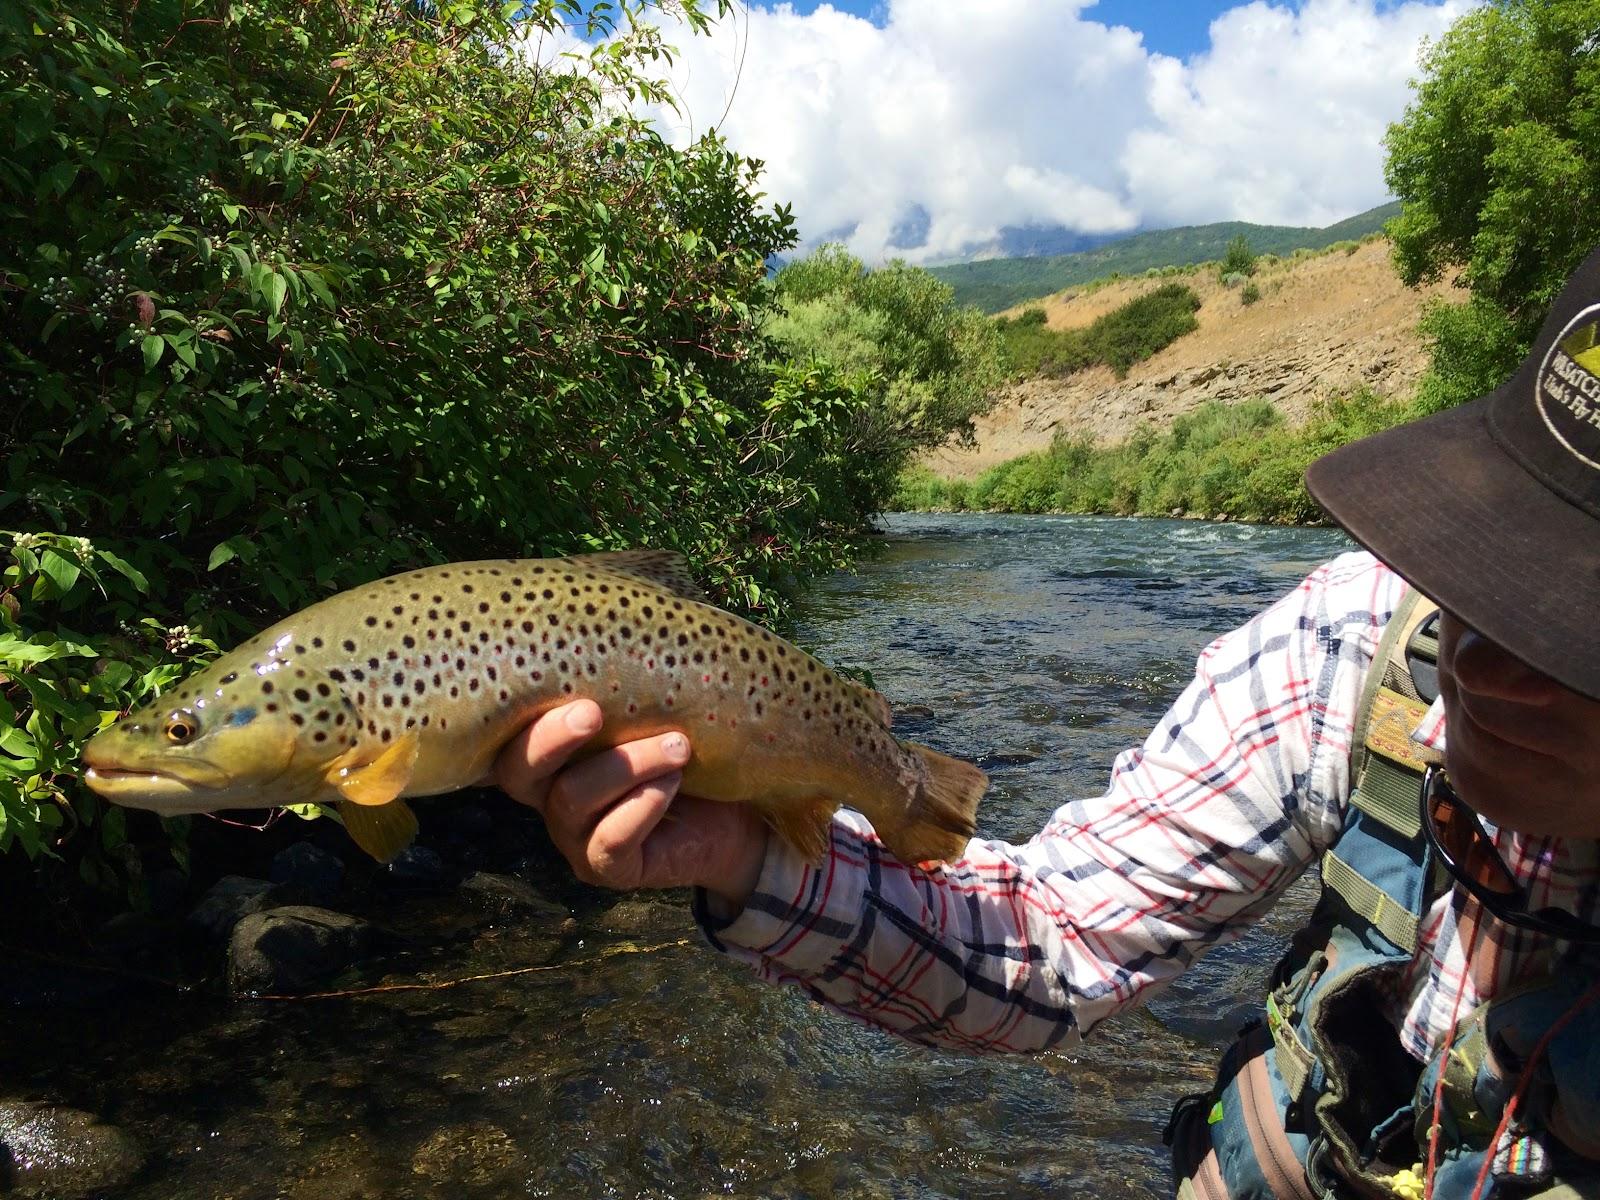 Provo River Gold